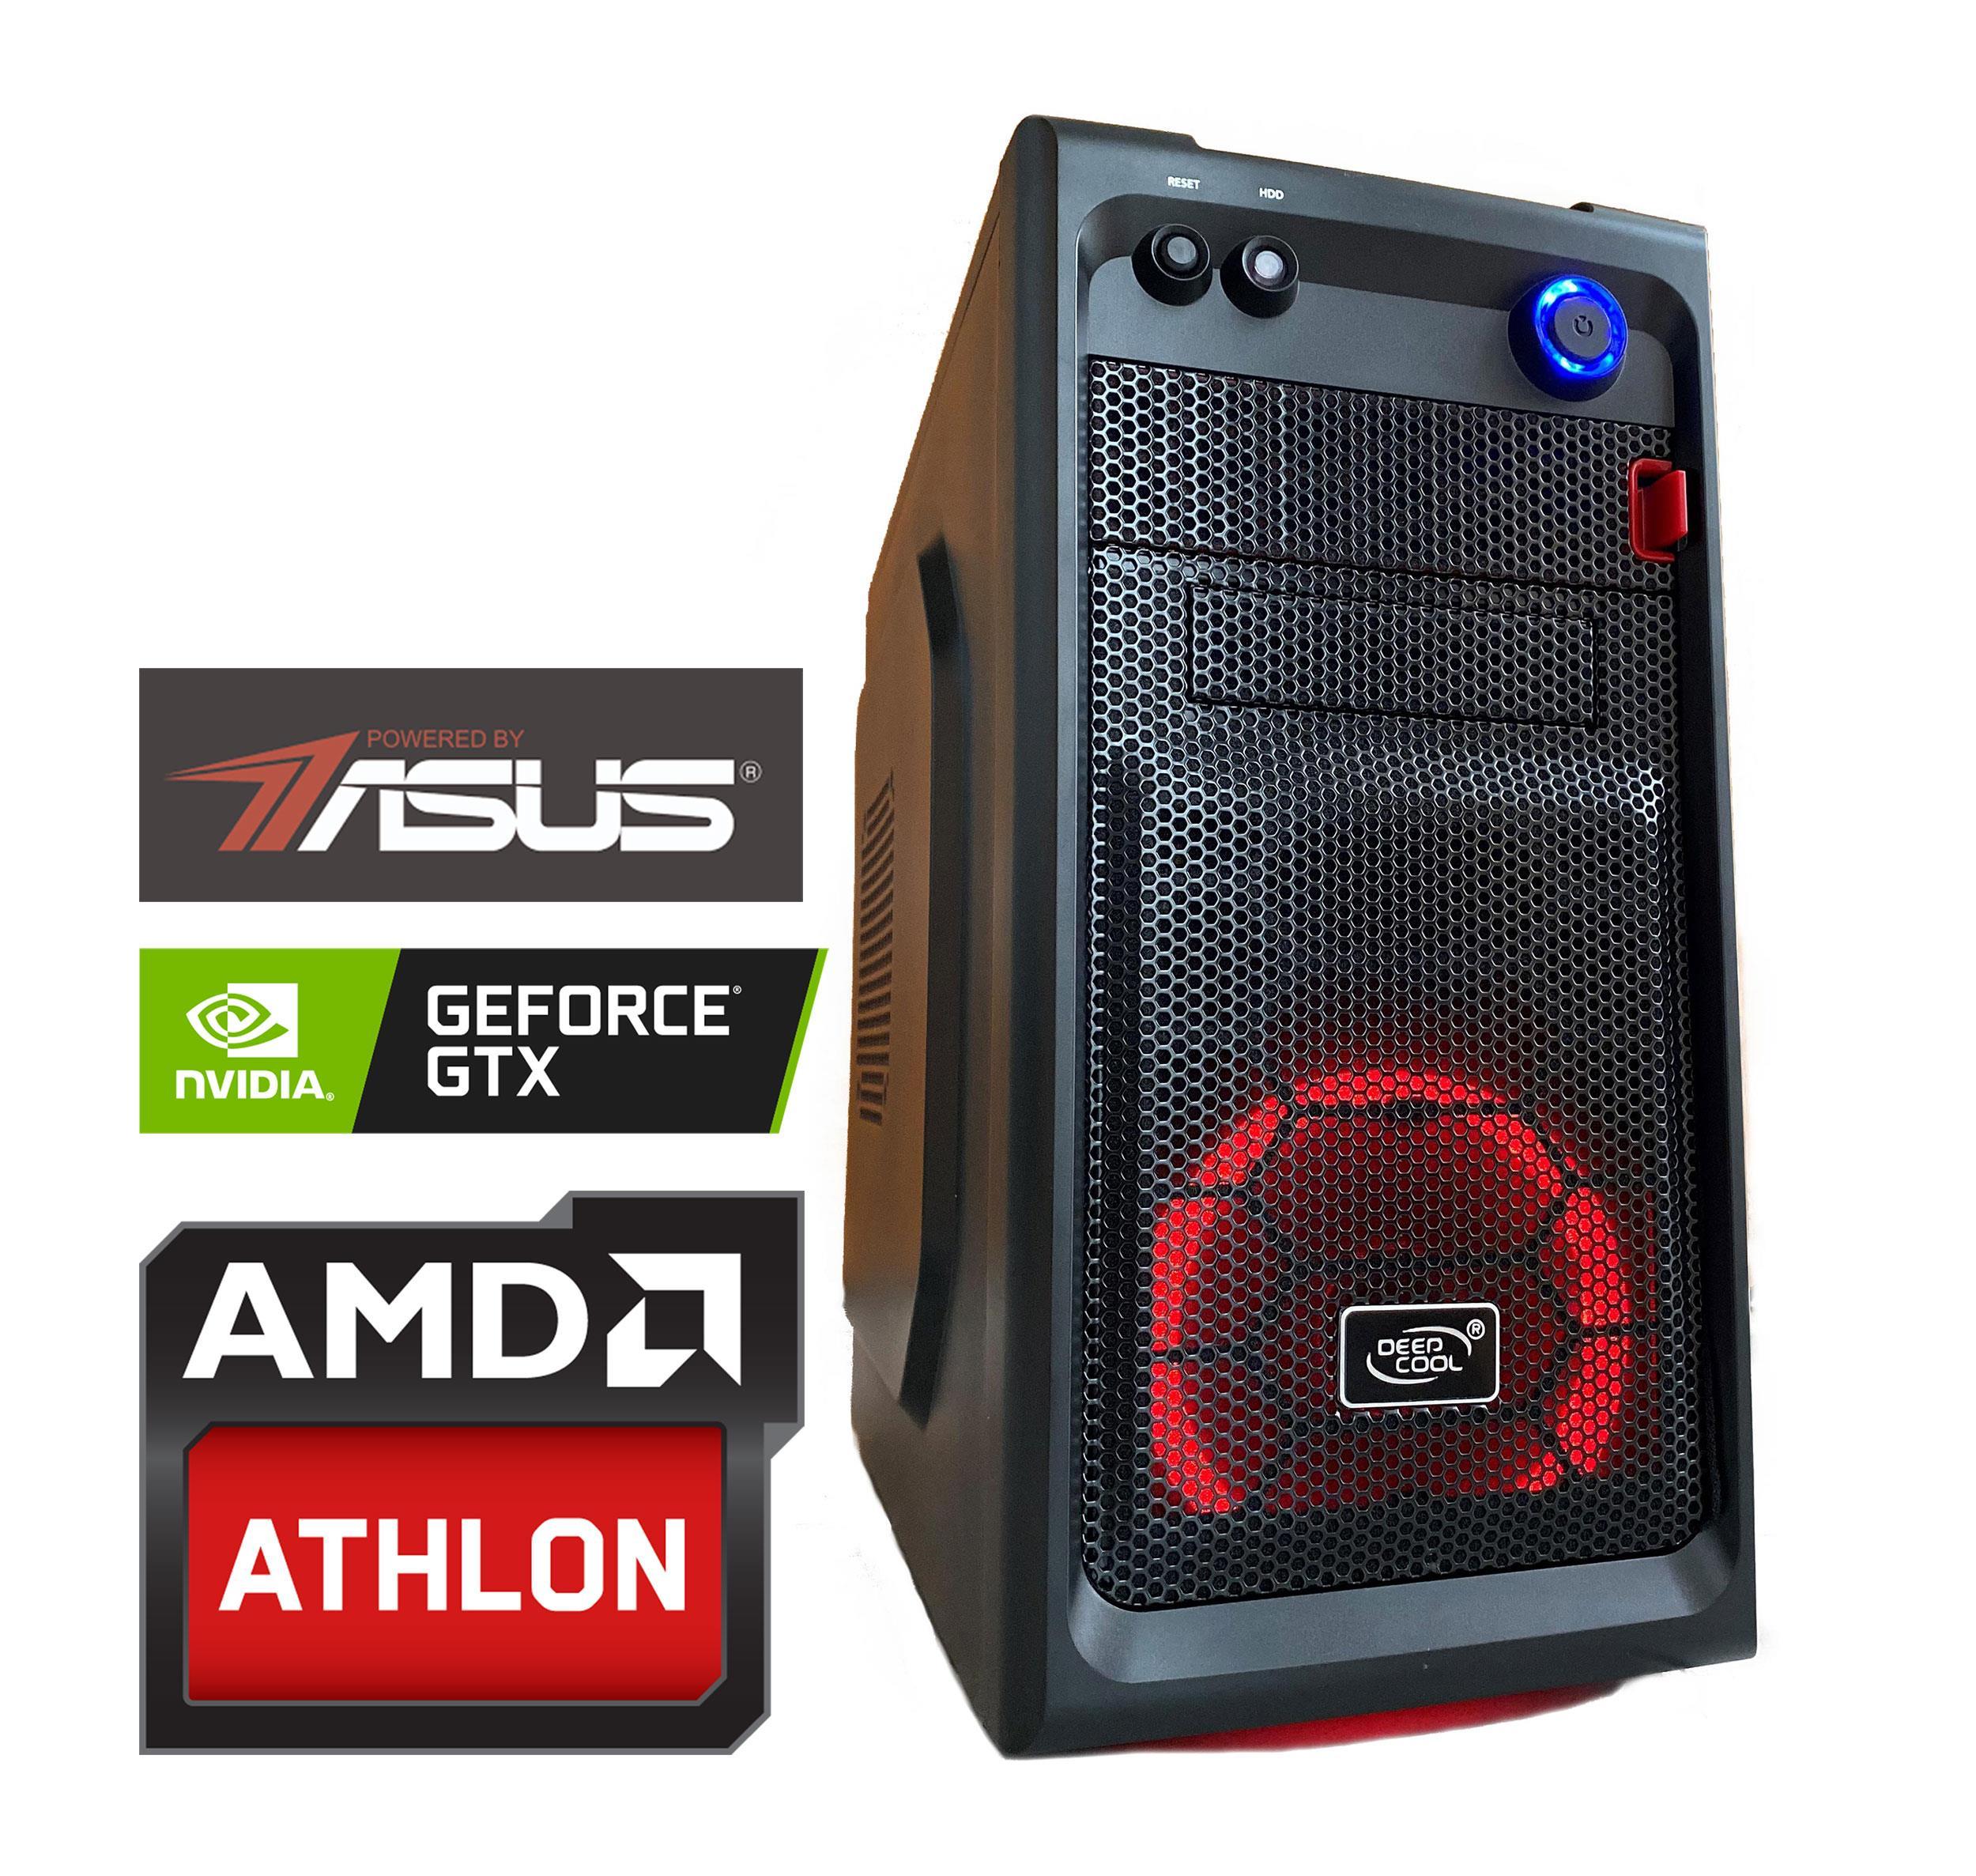 """Kompiuteris """"Žaidimams X4_1650"""" / AMD Athlon™ X4 870K 3.9~4.1GHz (keturiu branduolių procesorius ) / 8GB / 240GB SSD (Skaitymo greitis ~560 MB/s) / GeForce™ GTX 1650 4GB / USB 3.0 / """"Powered by ASUS"""" / 160209_C4_1650"""